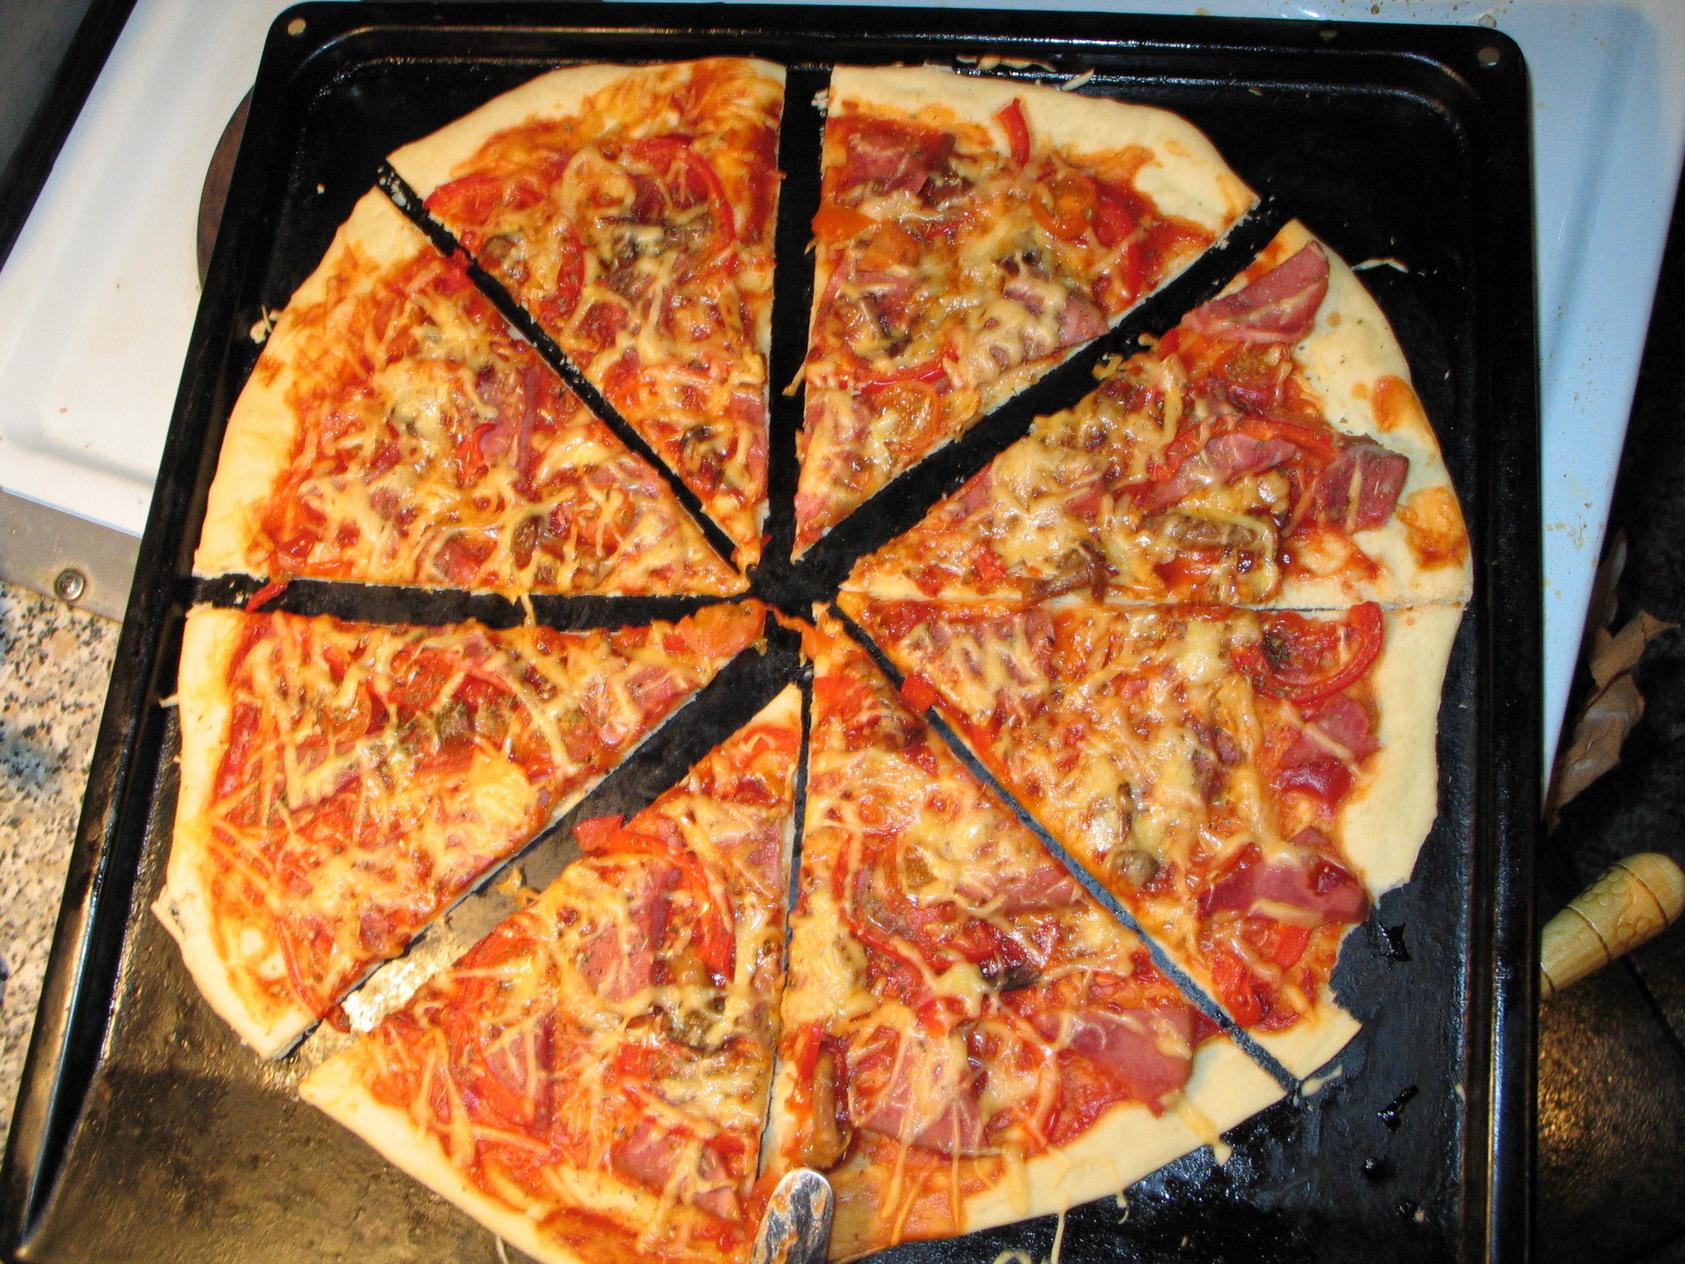 фото пиццы дома